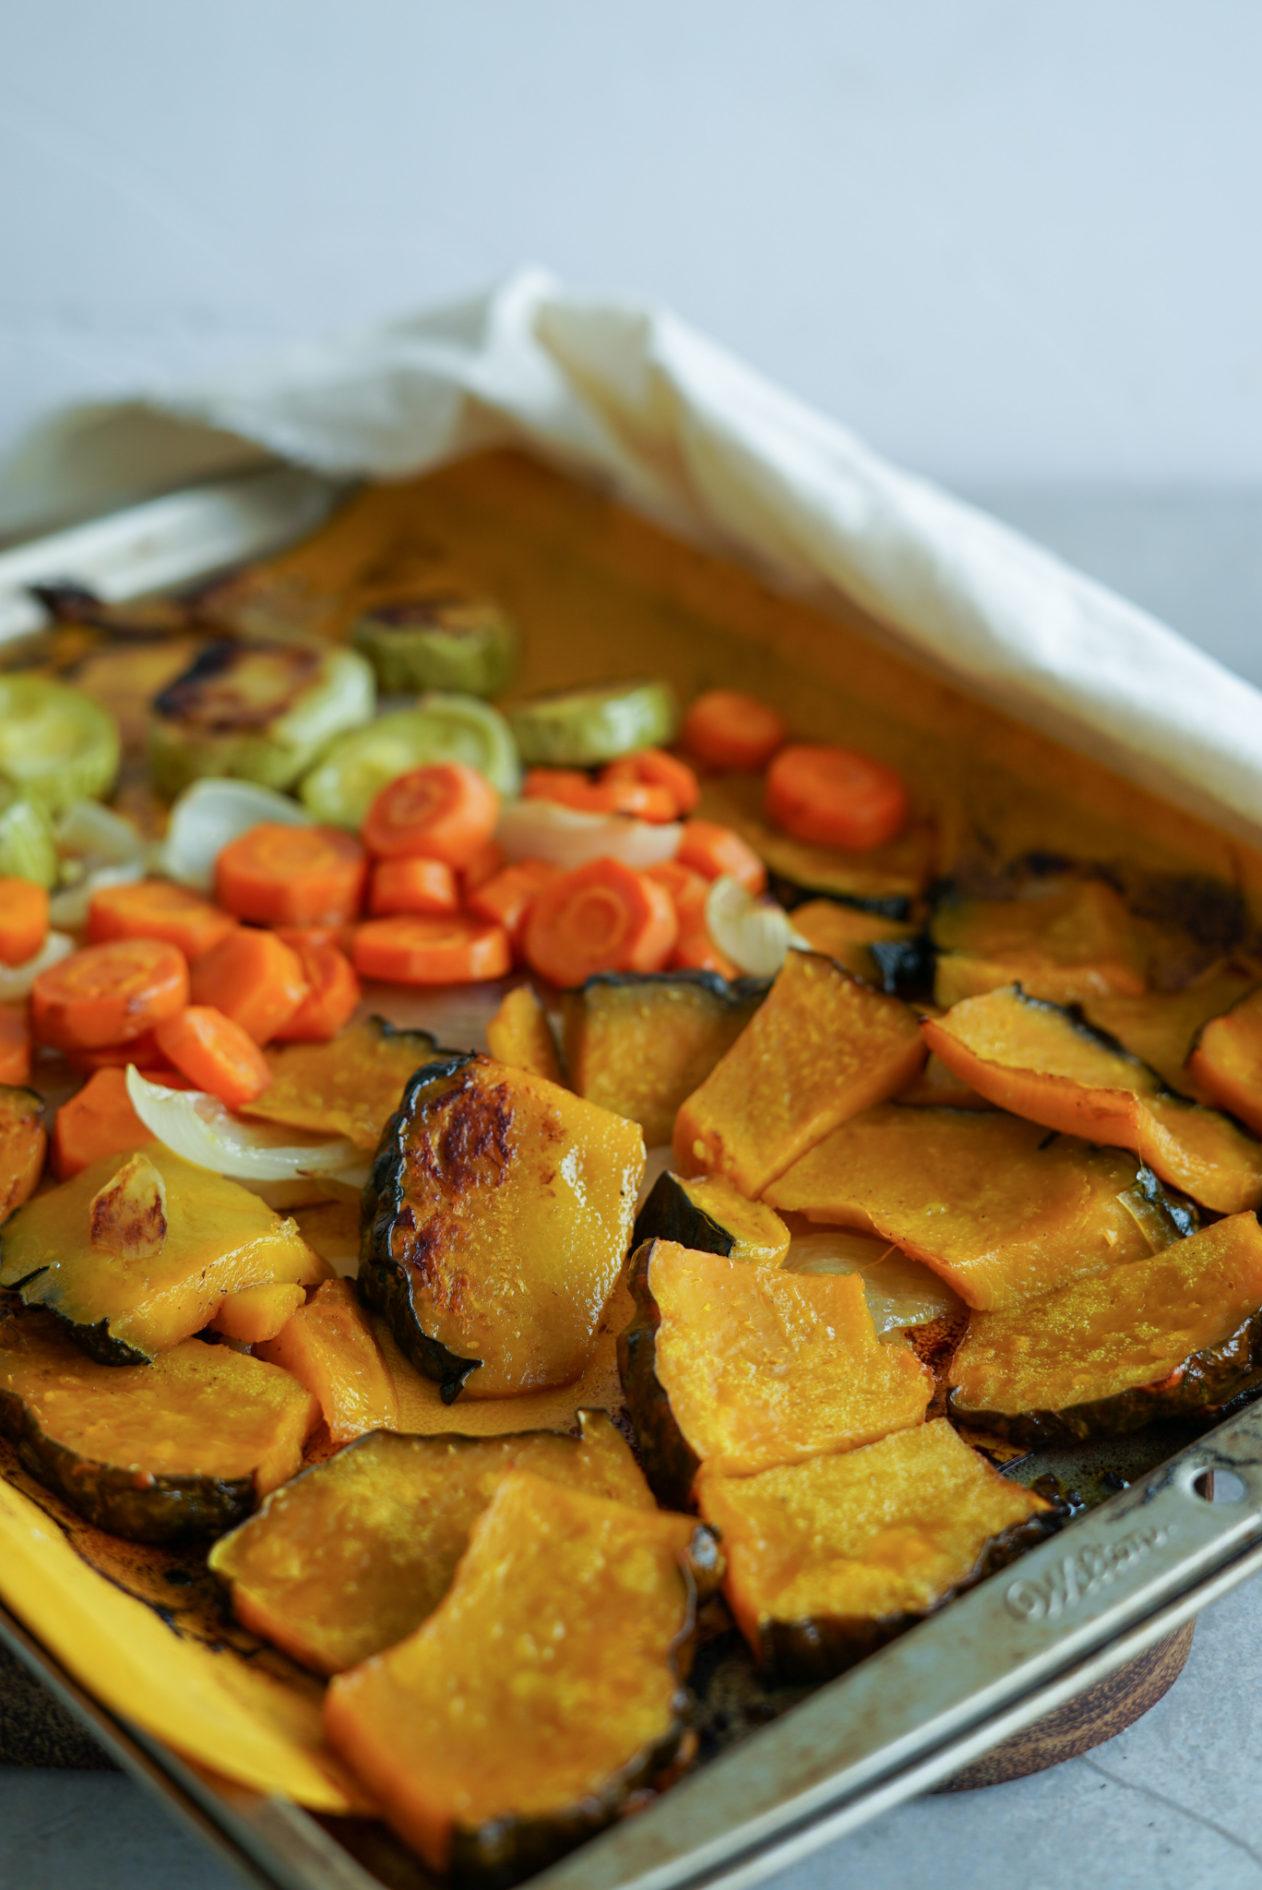 faça legumes assados perfeitamente